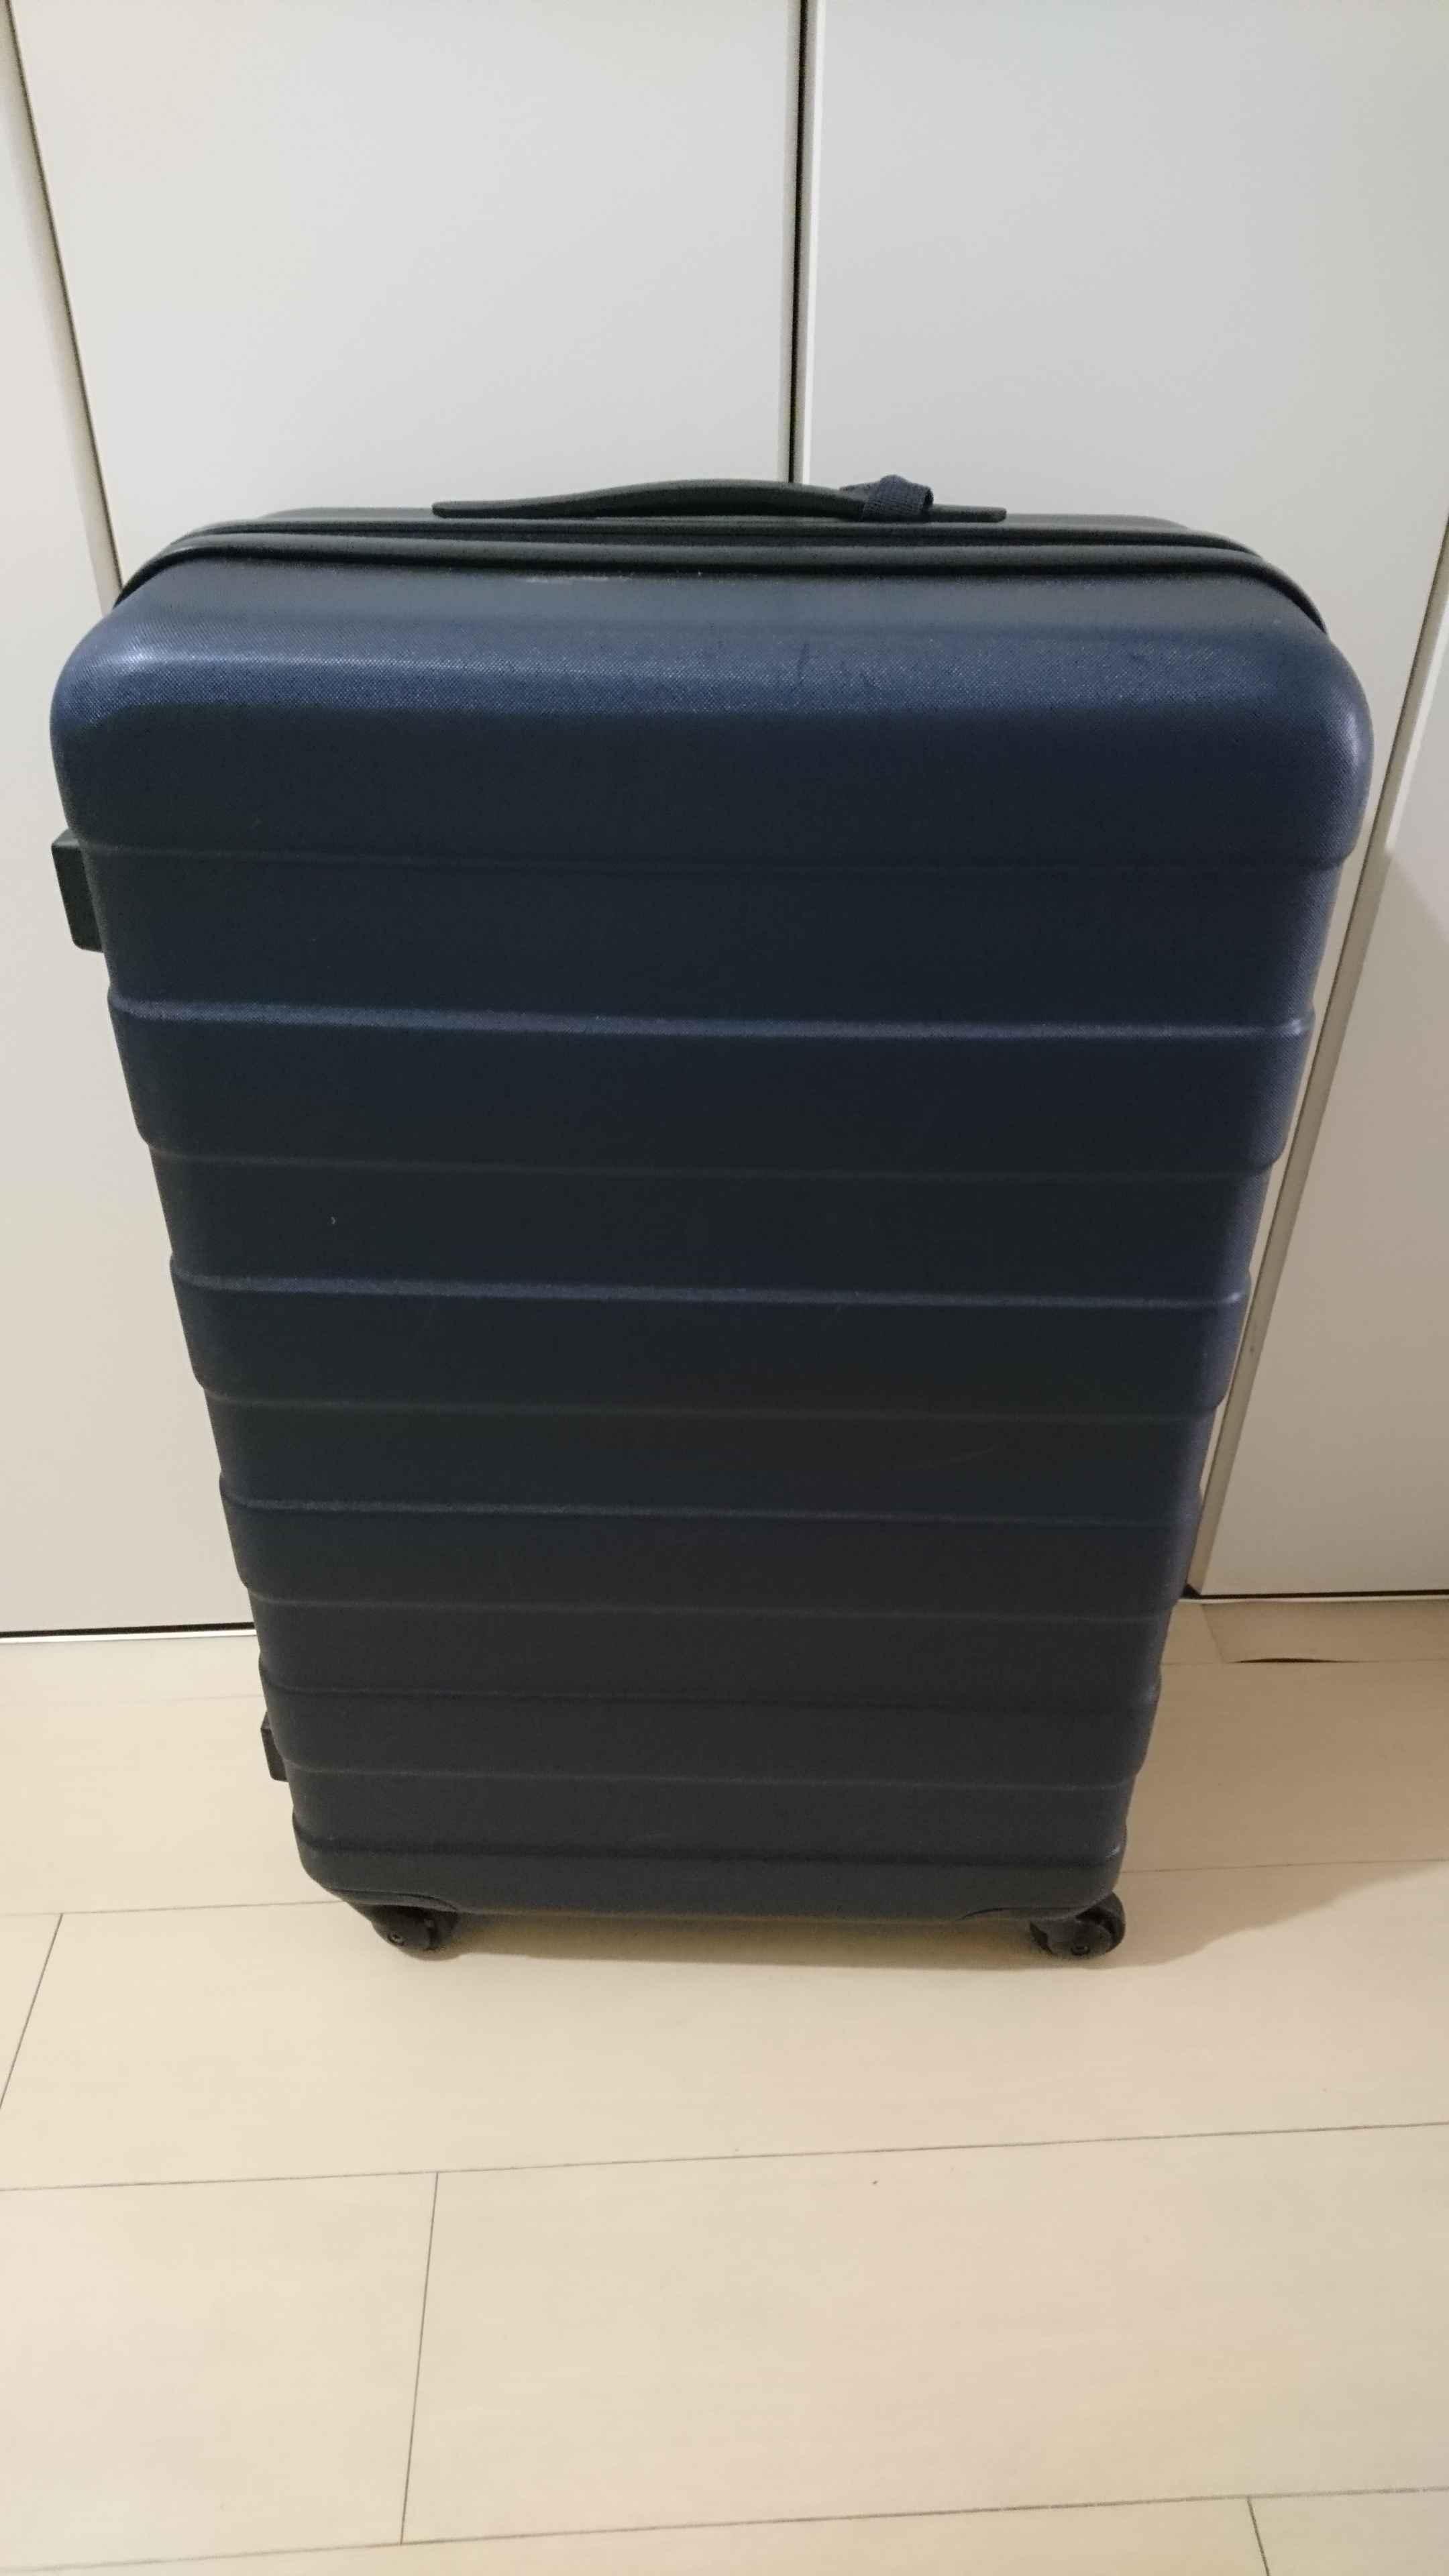 無印良品 MUJI スーツケース・キャリーバッグ メンズ サイズ表記無 キャリーケース 中古 ブランド ...